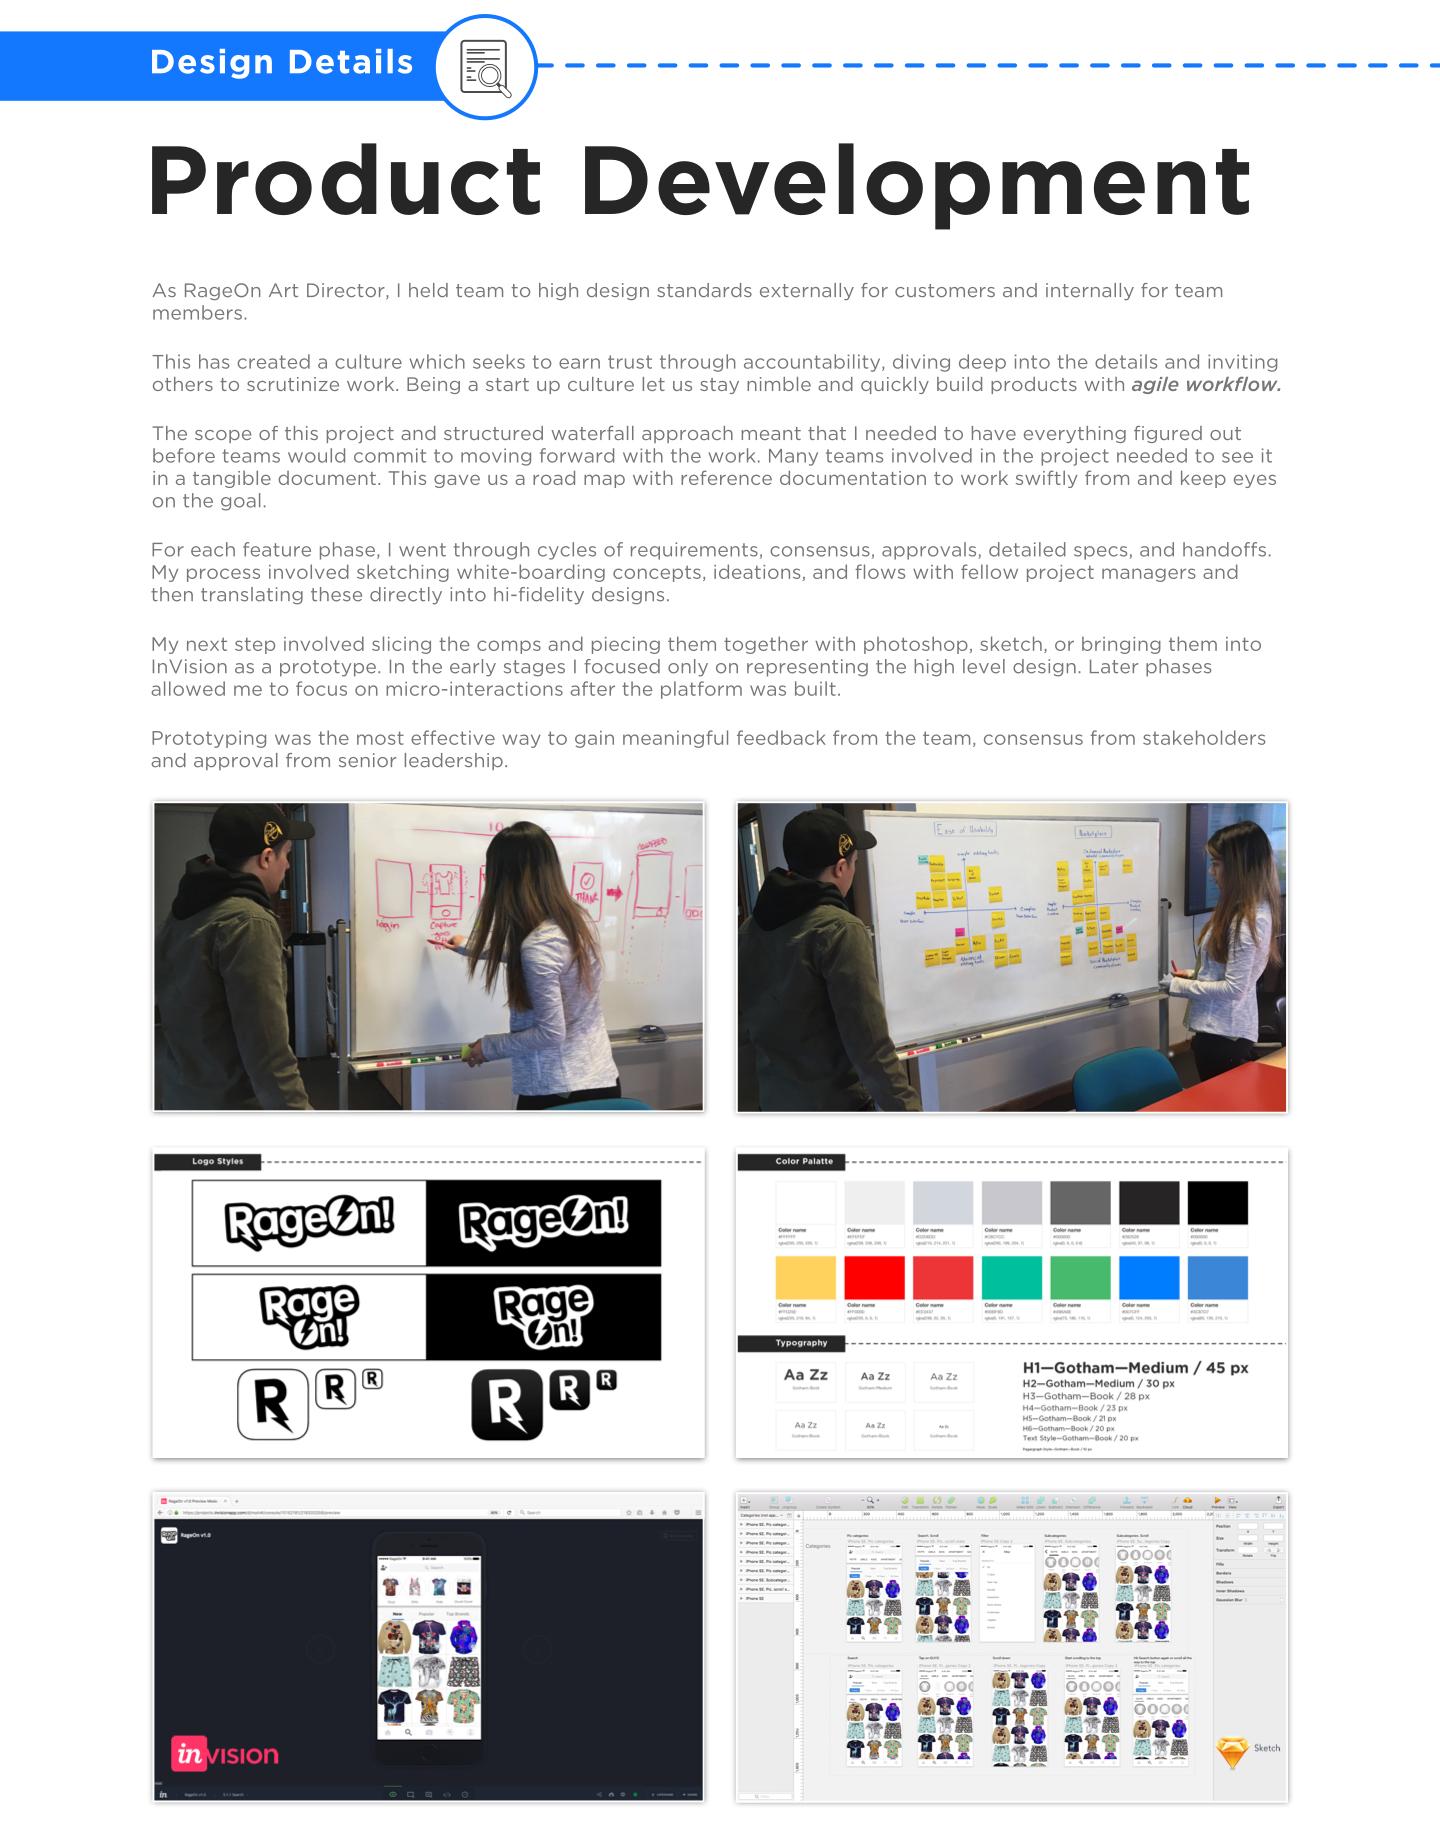 9.Design_Details.jpg